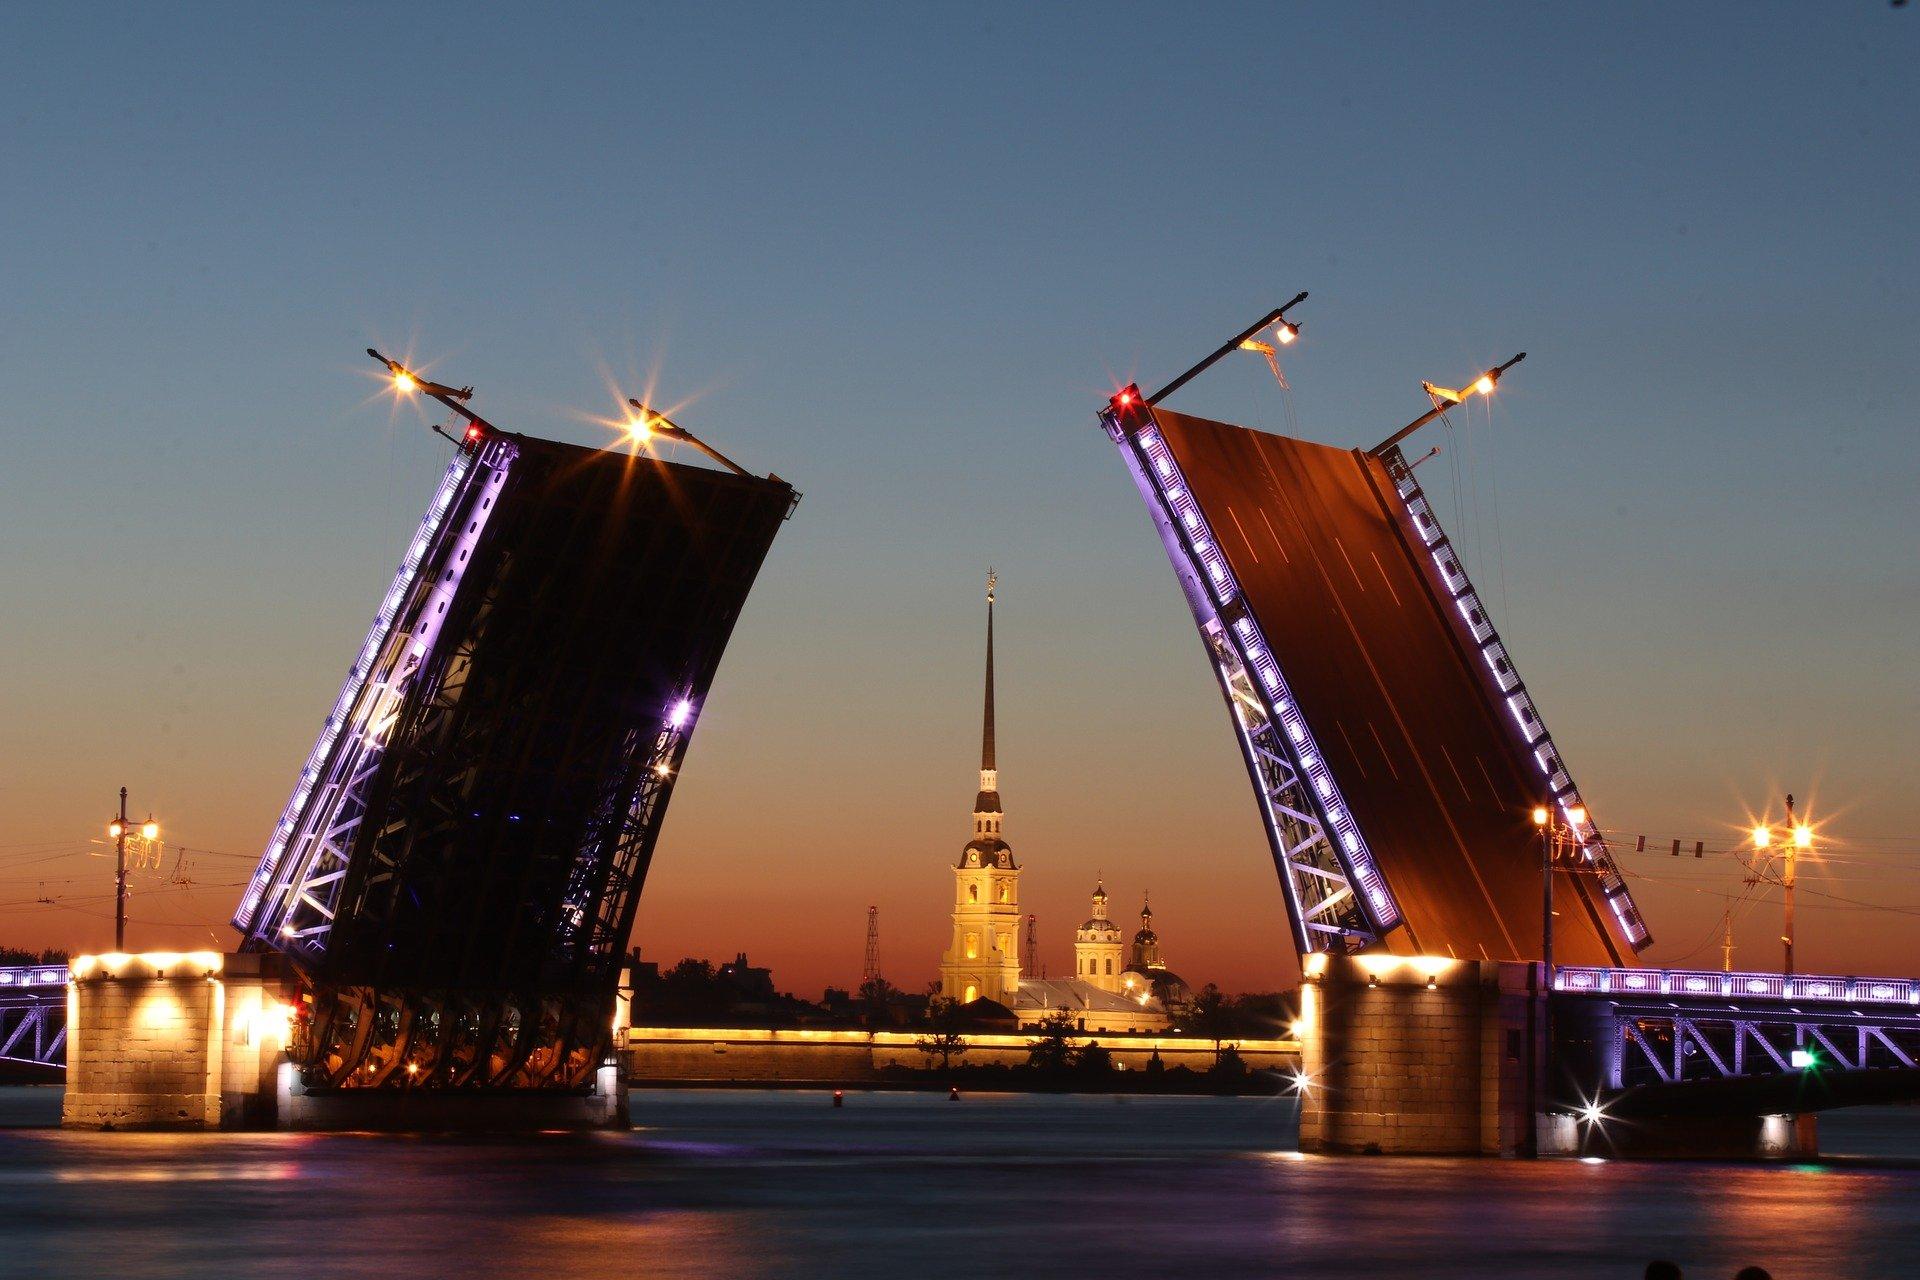 В Санкт-Петербурге с 17 июня введут дополнительные ограничения из-за коронавируса